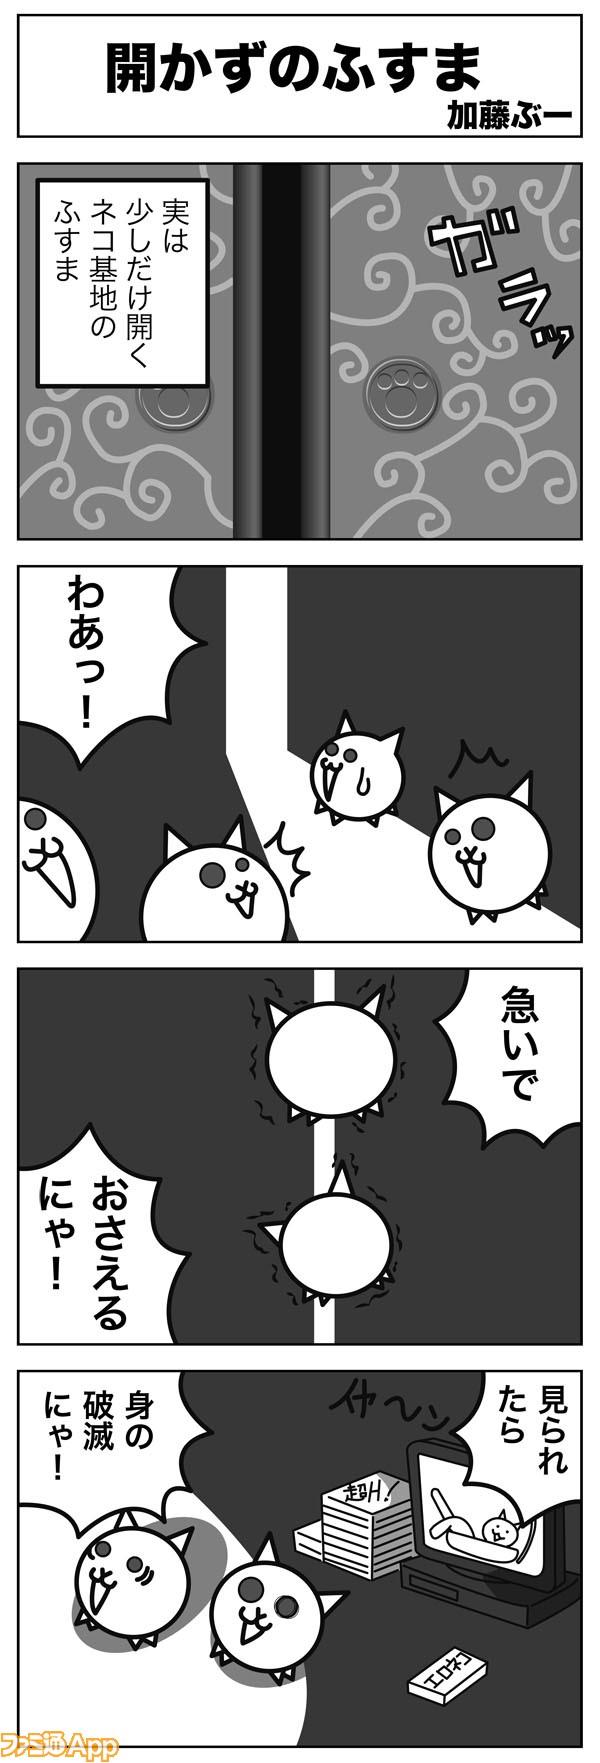 04kato-071